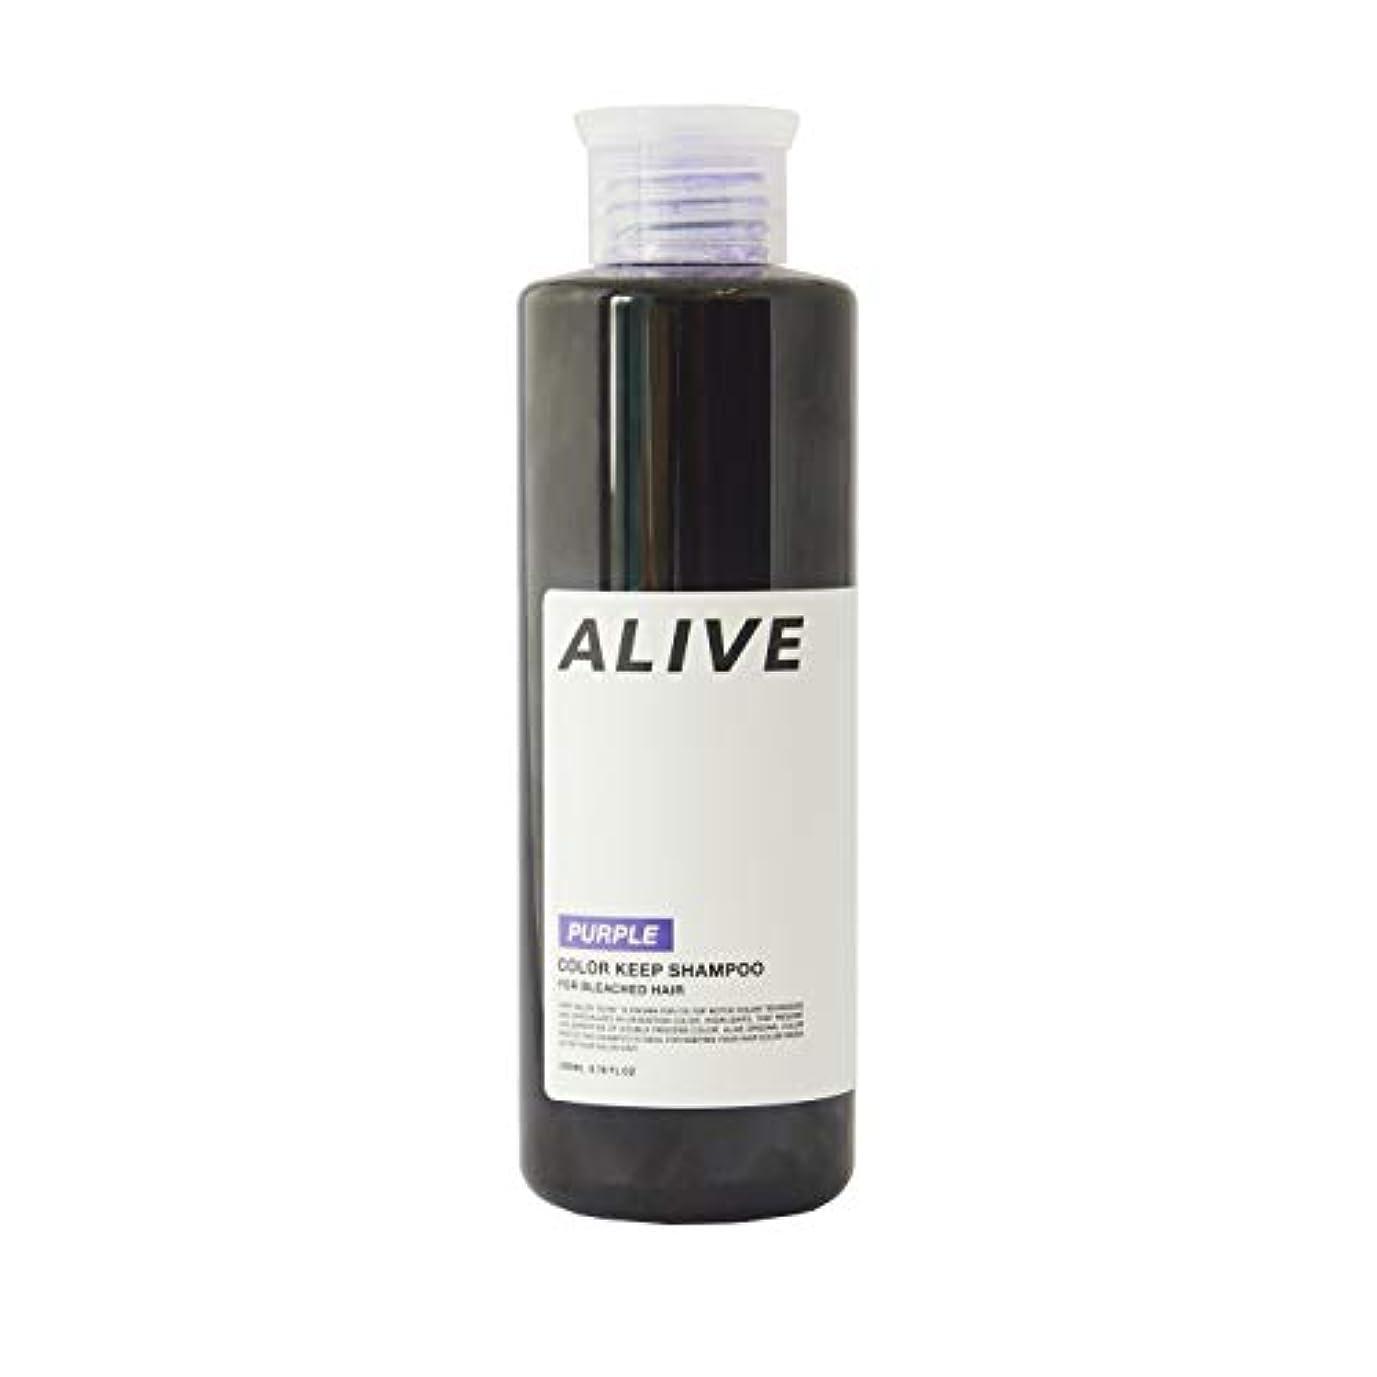 すべきフェリーフィクションALIVE アライブ カラーシャンプー 極濃 紫シャンプー 200ml ムラサキ パープル ムラシャン ムラサキシャンプー